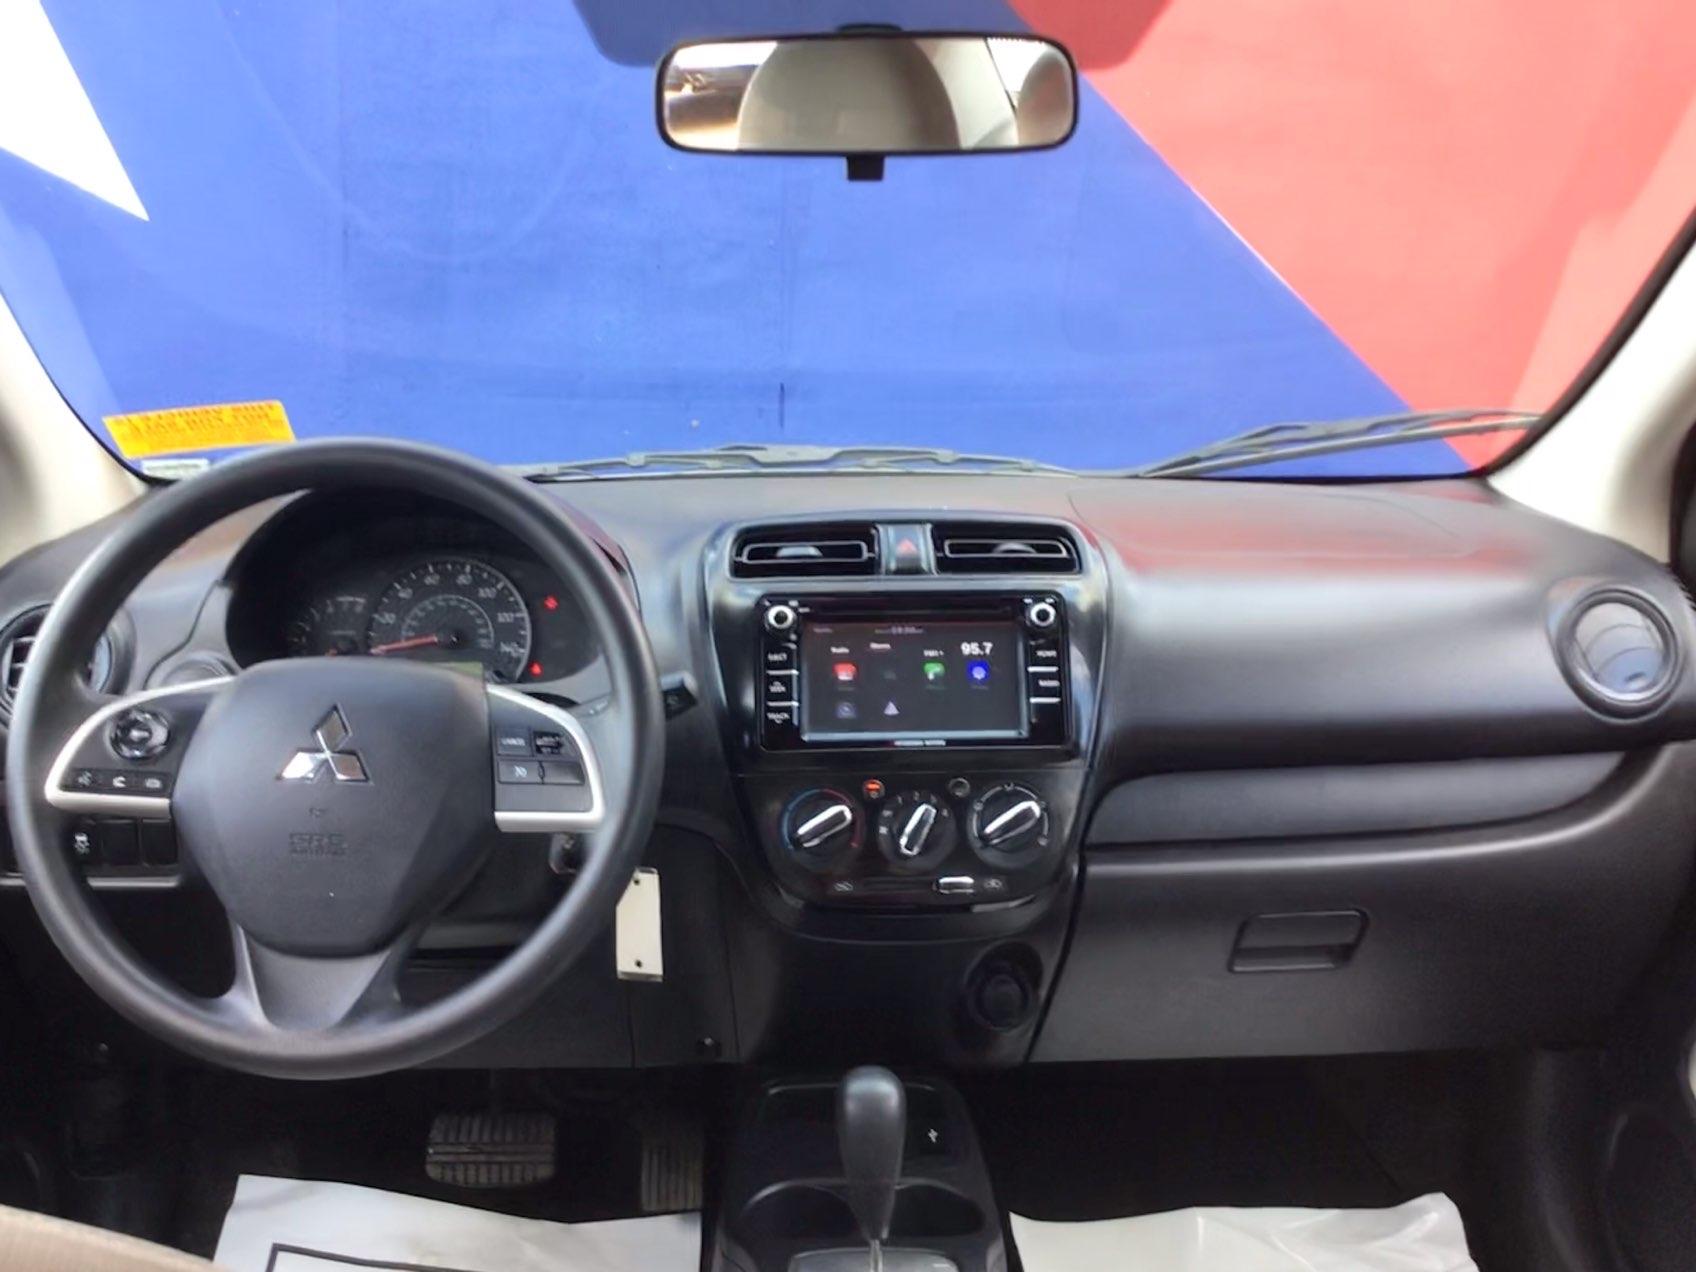 used vehicle - Sedan MITSUBISHI MIRAGE G4 2019